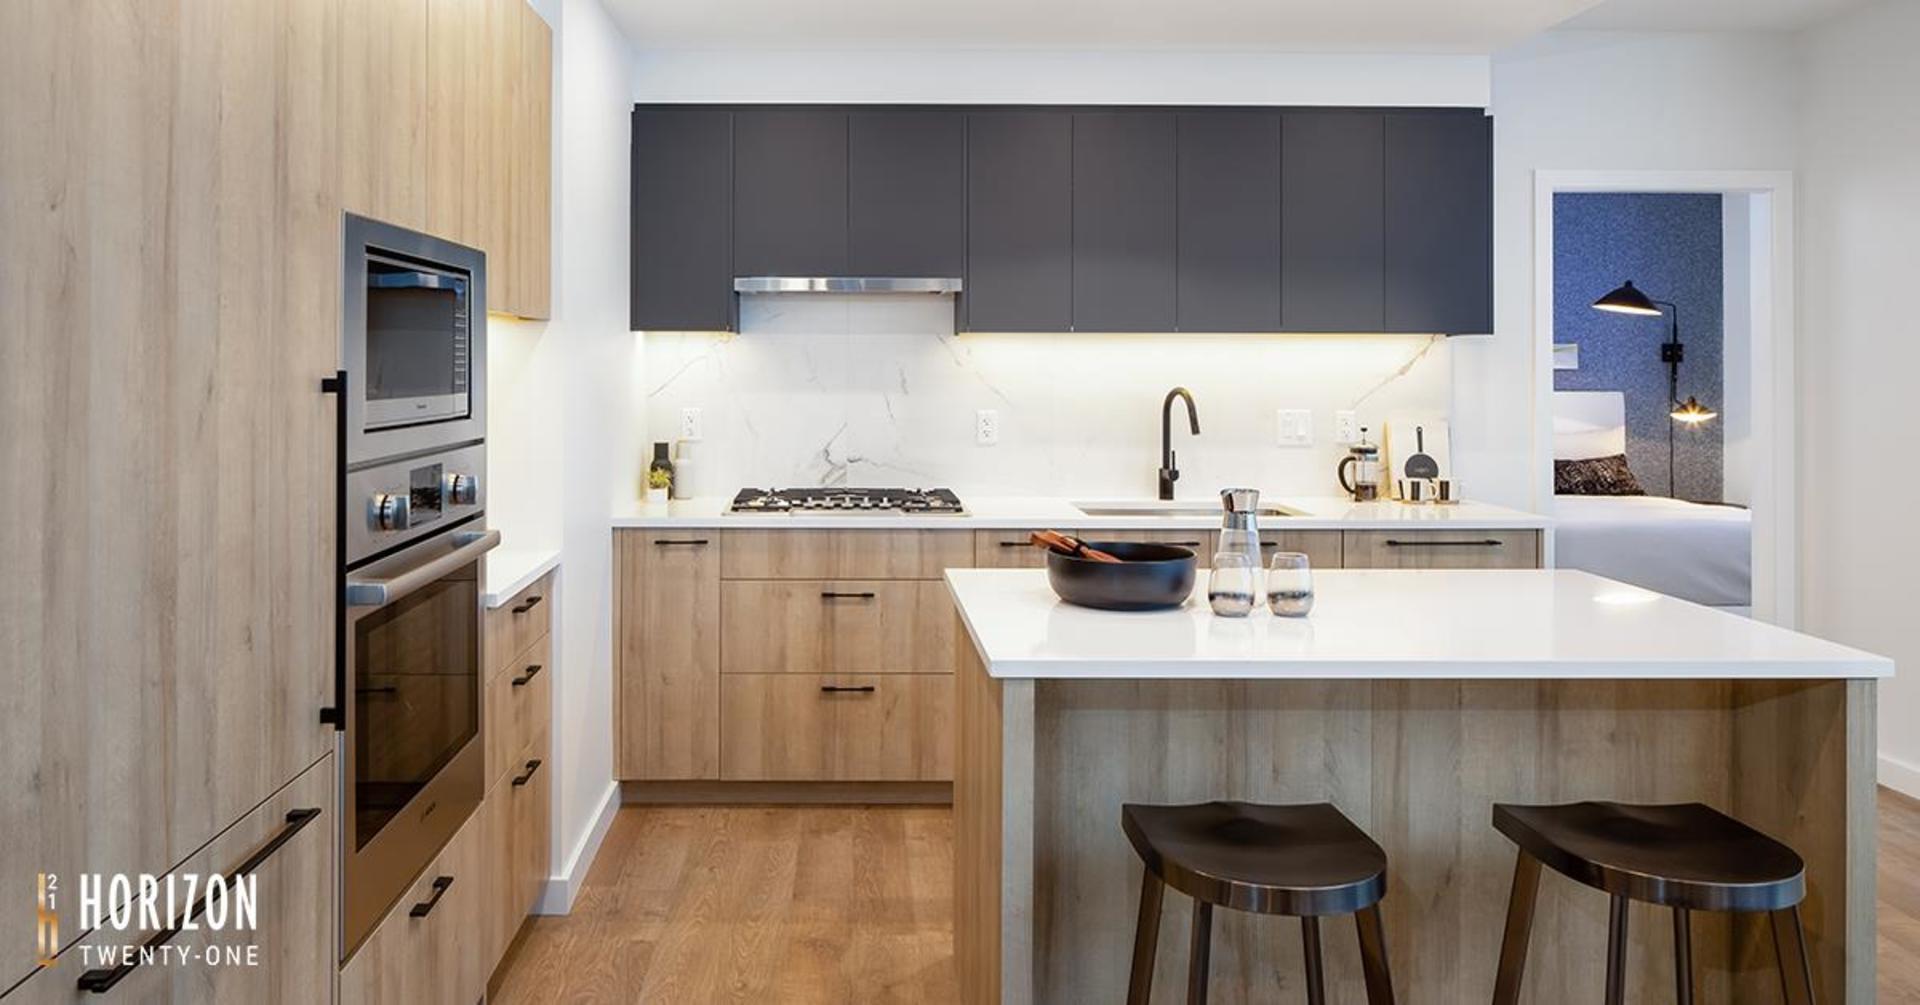 horizon-21-kitchen at Horizon 21 (218 Blue Mountain, Maillardville, Coquitlam)